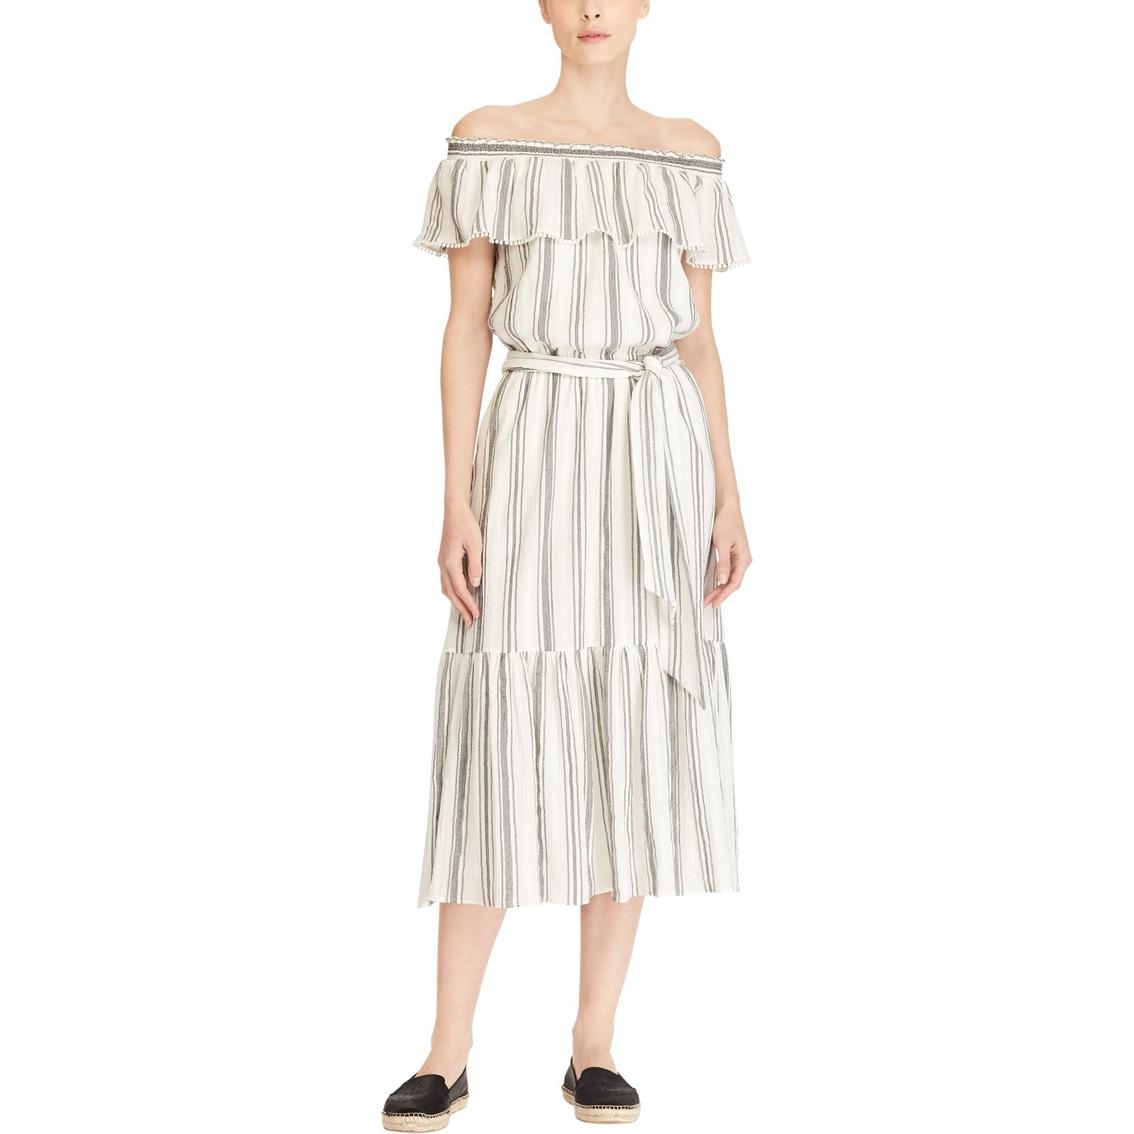 bd786329ad7 Lauren Ralph Lauren Sahara Stripe Beach Inspired Maxi Dress ...